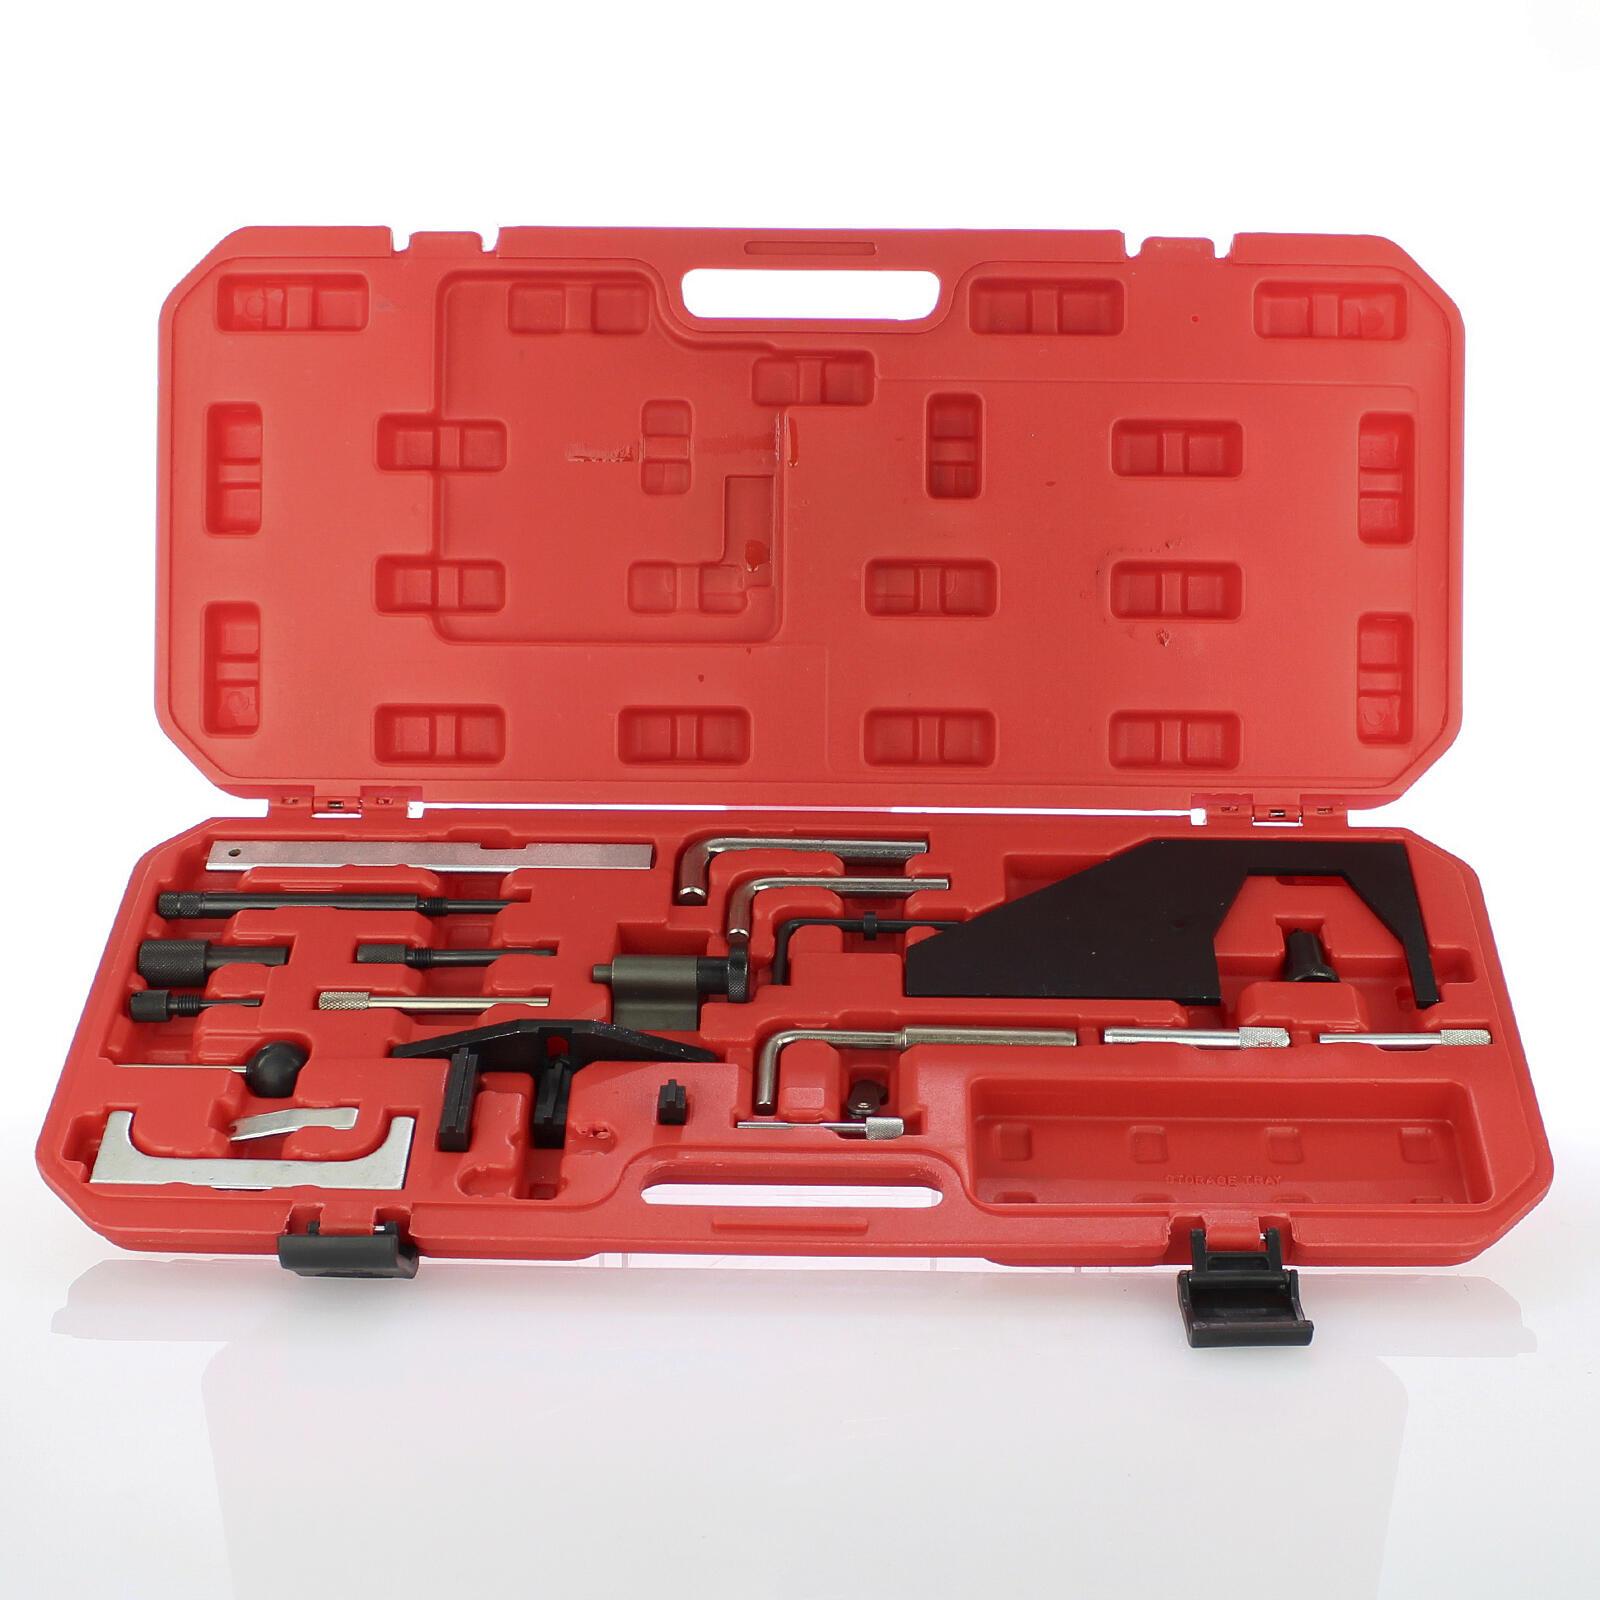 Zahnriemenwerkzeug für Ford & Mazda Motoreinstellwerkzeug Zahnriemen Werkzeug